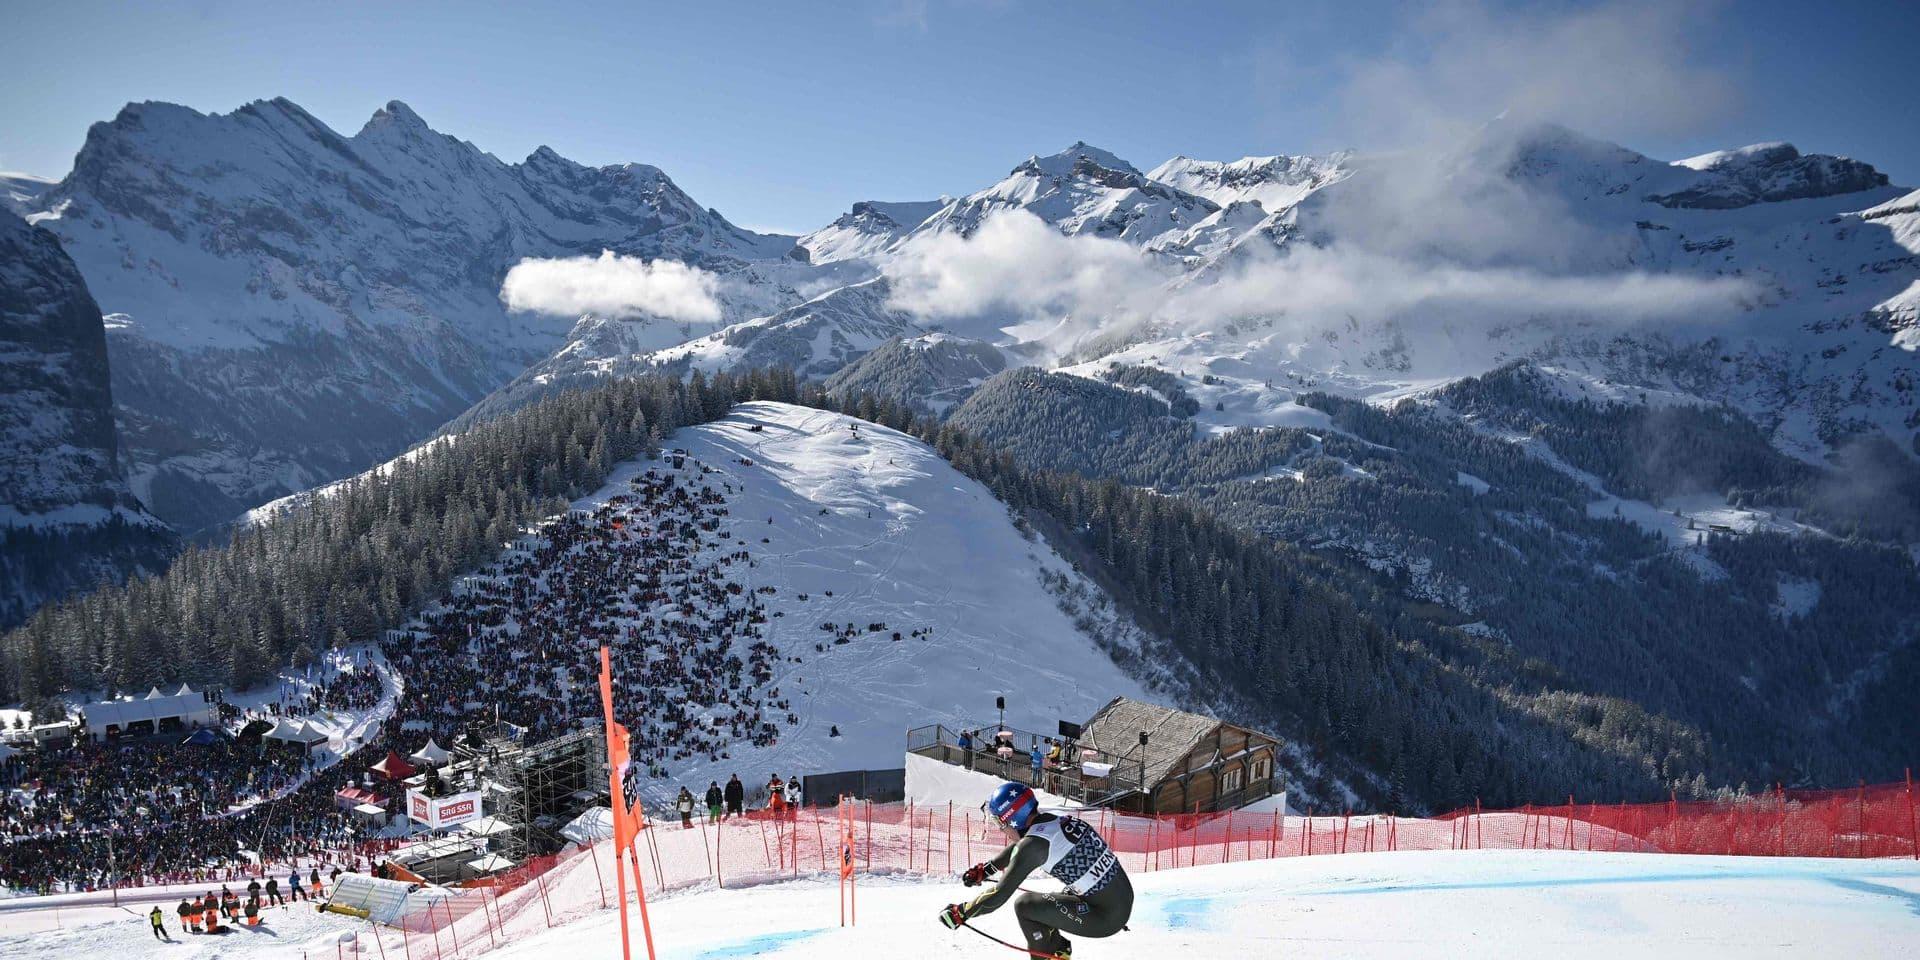 Coupe du monde de ski alpin (m): l'étape de Wengen annulée à cause du coronavirus, Kitzbühel reprend deux courses